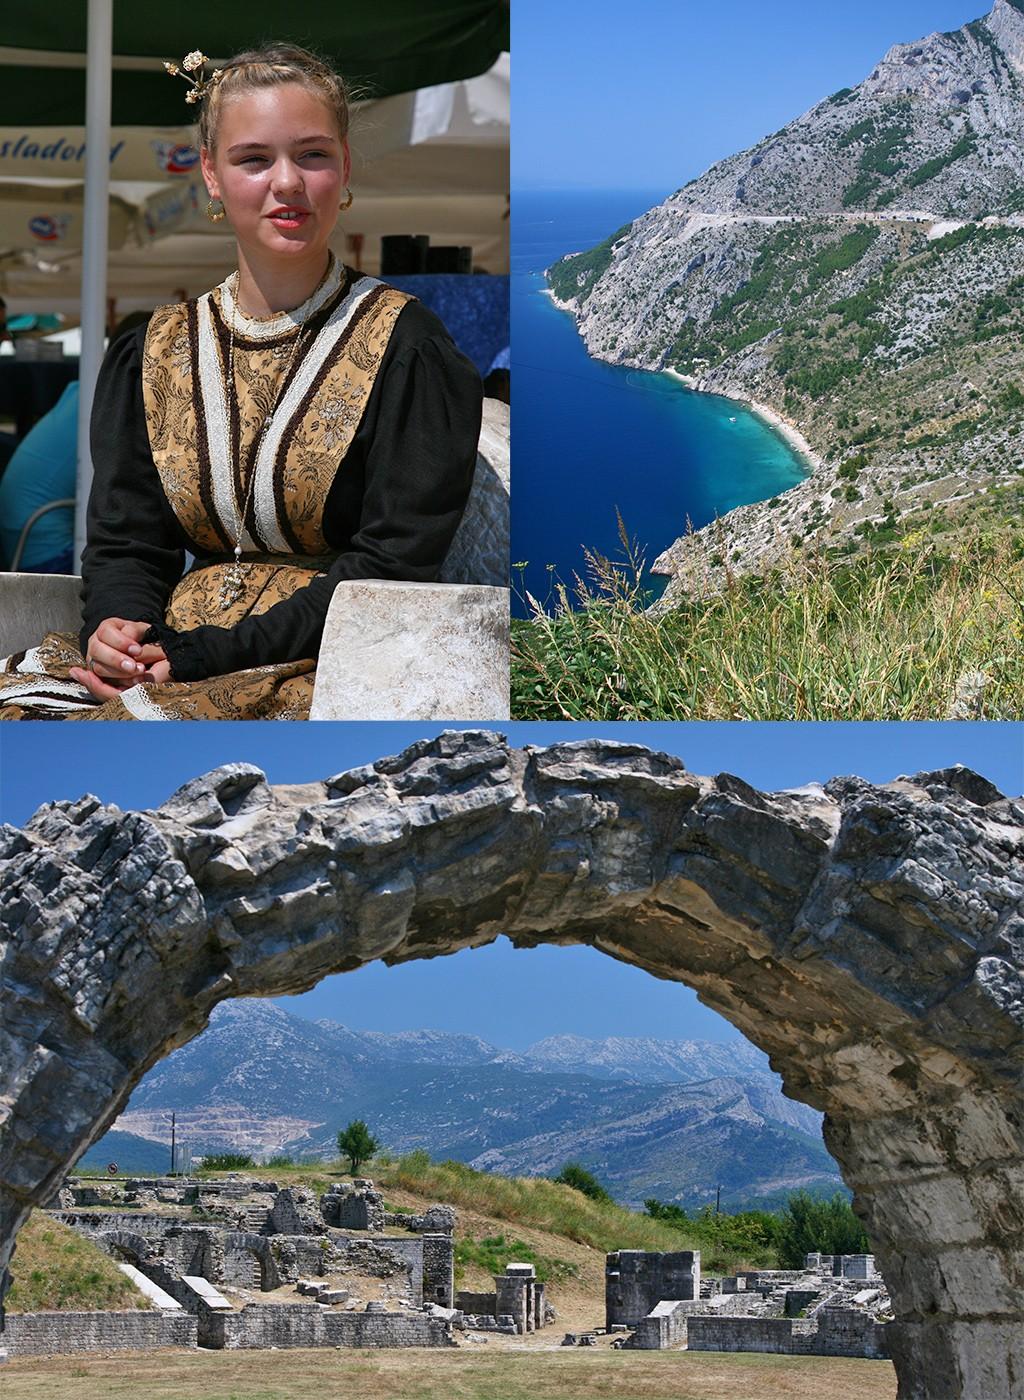 Drukste Balkanland Kroatië